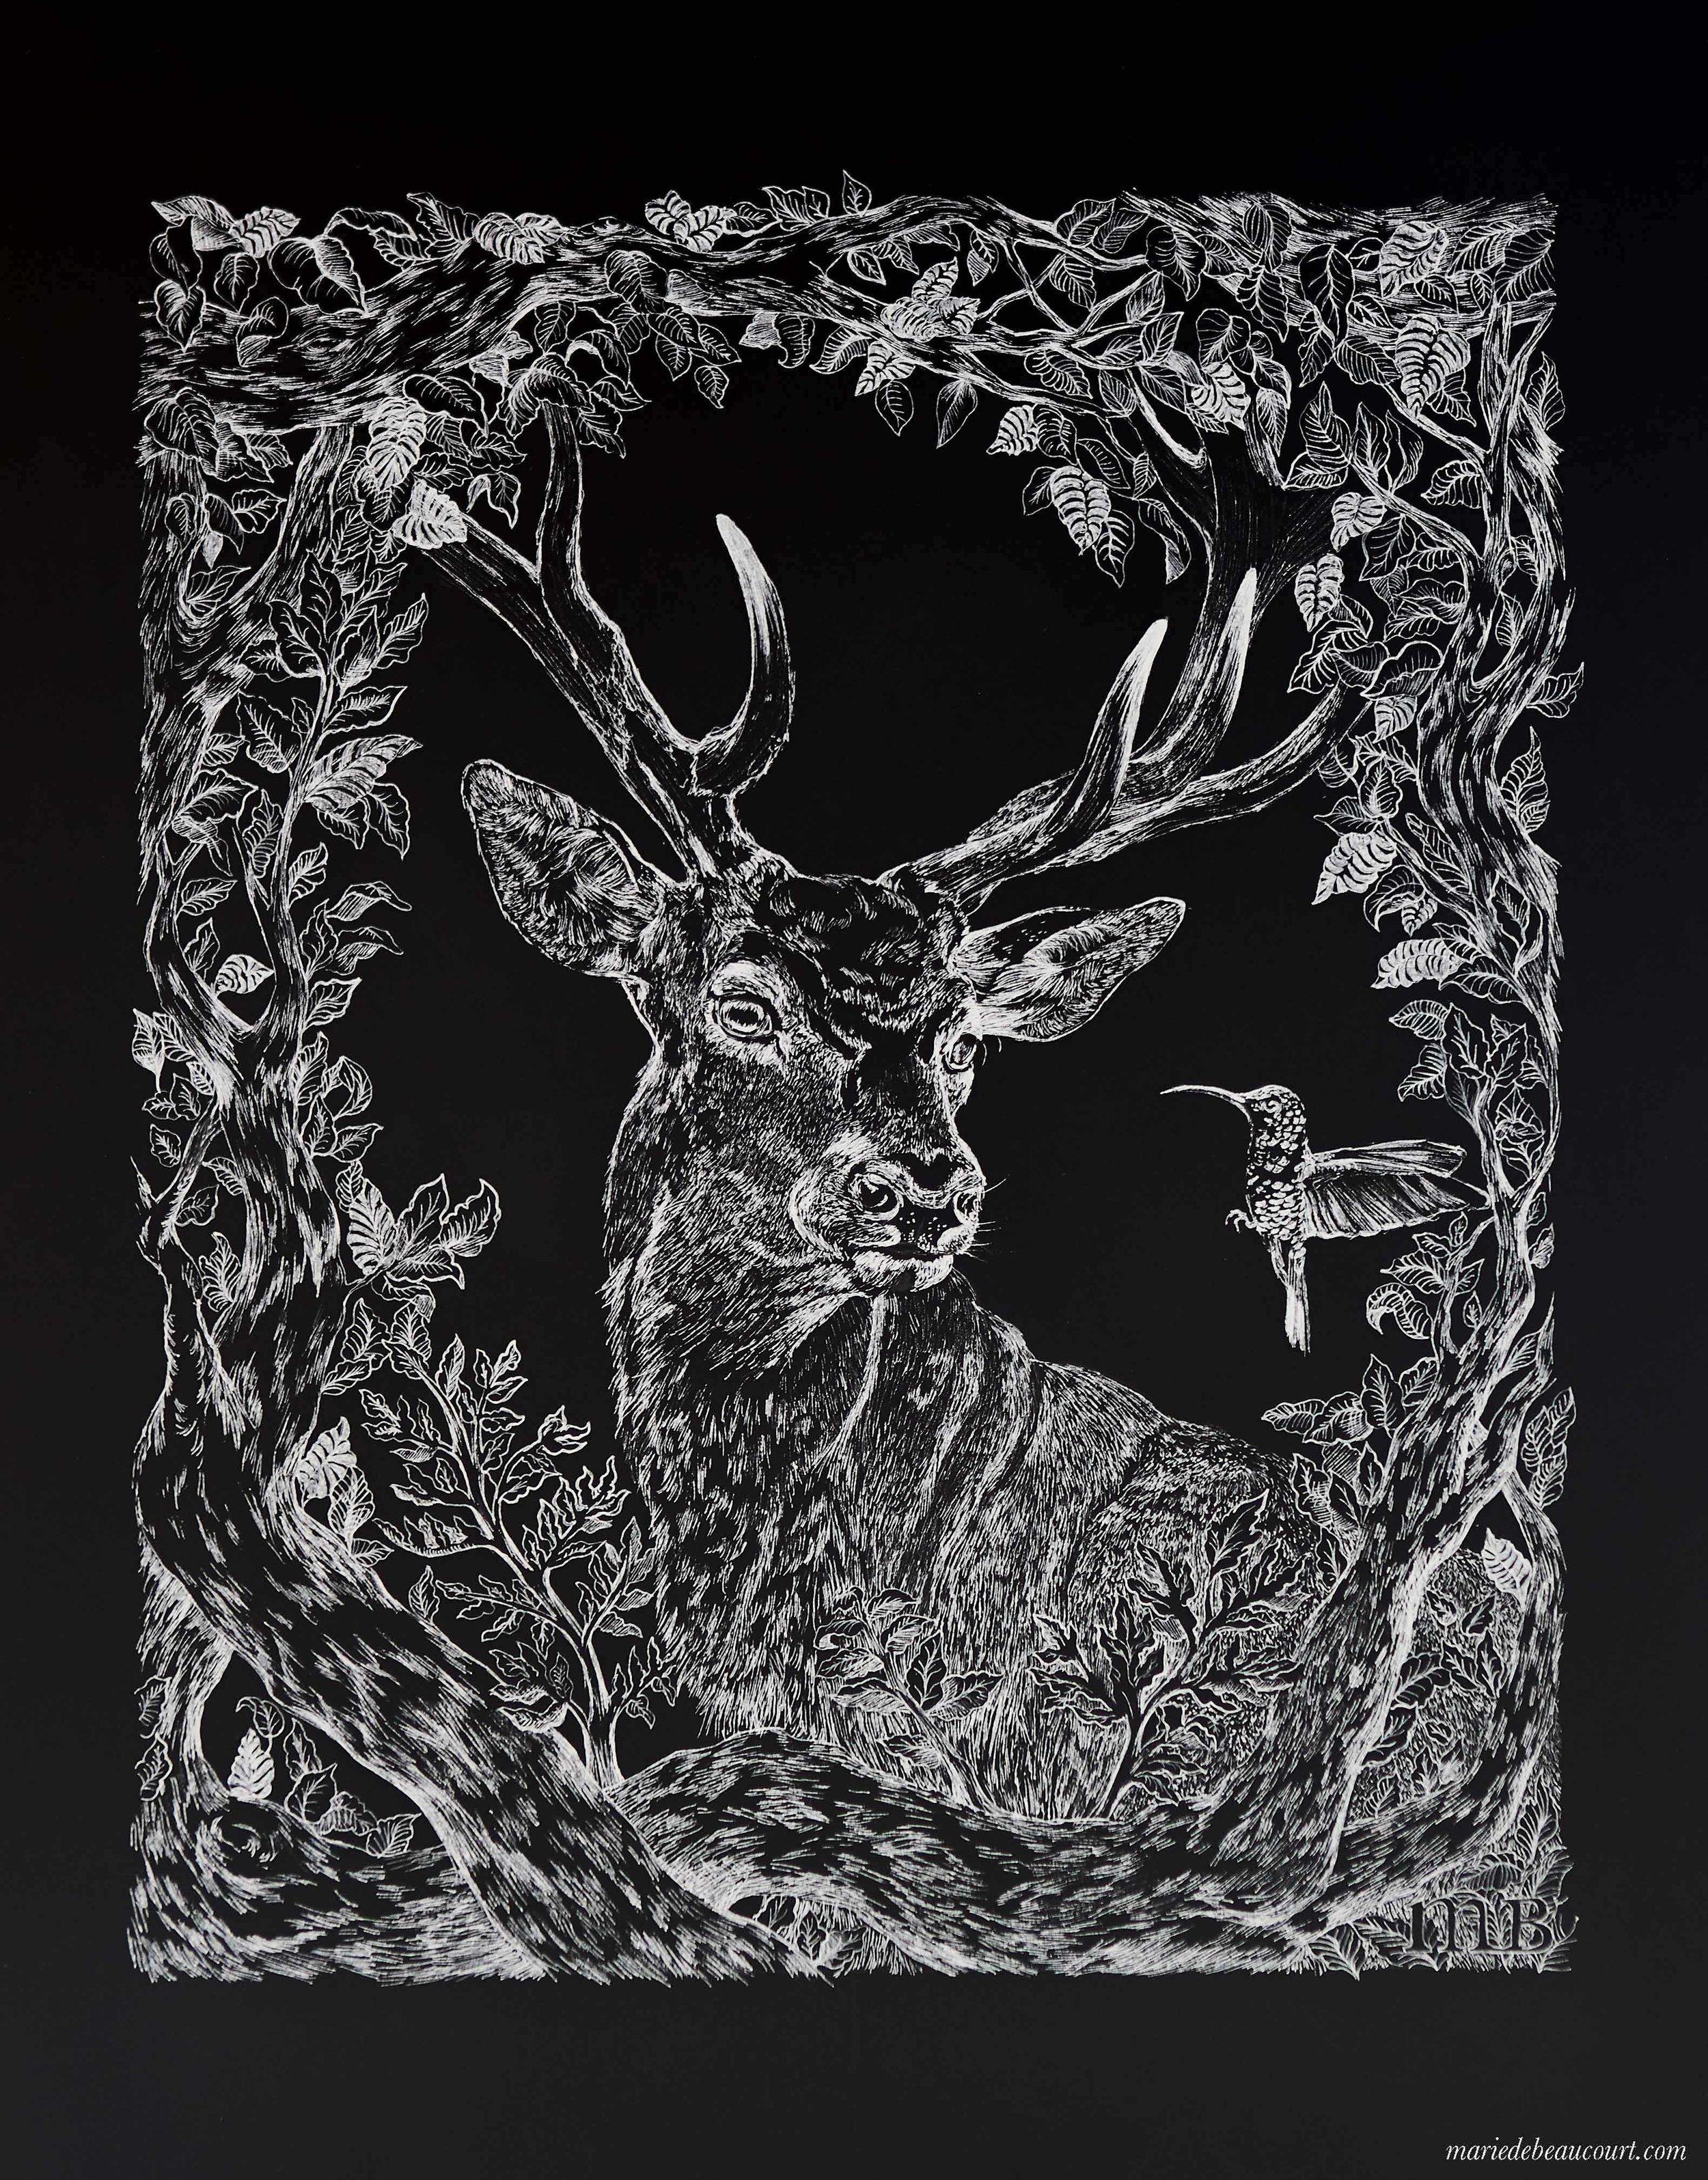 marie-de-beaucourt-illustration-deer-stag.jpg